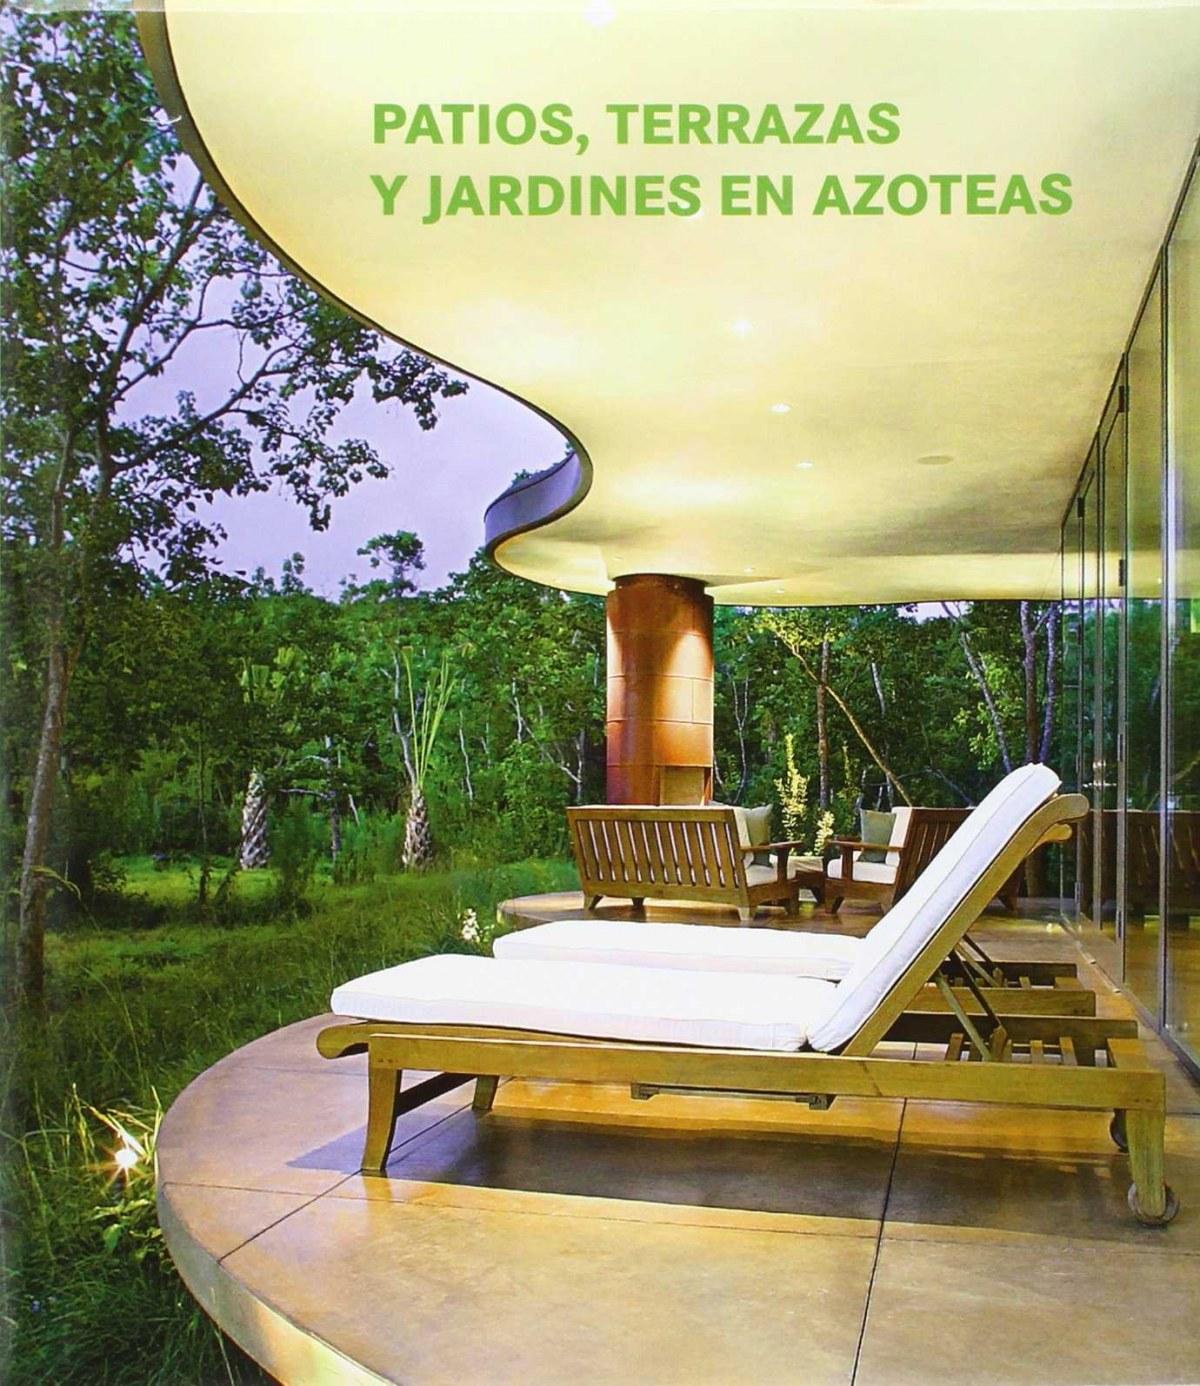 Patios, terrazas, y jardines en azoteas 9783864075407